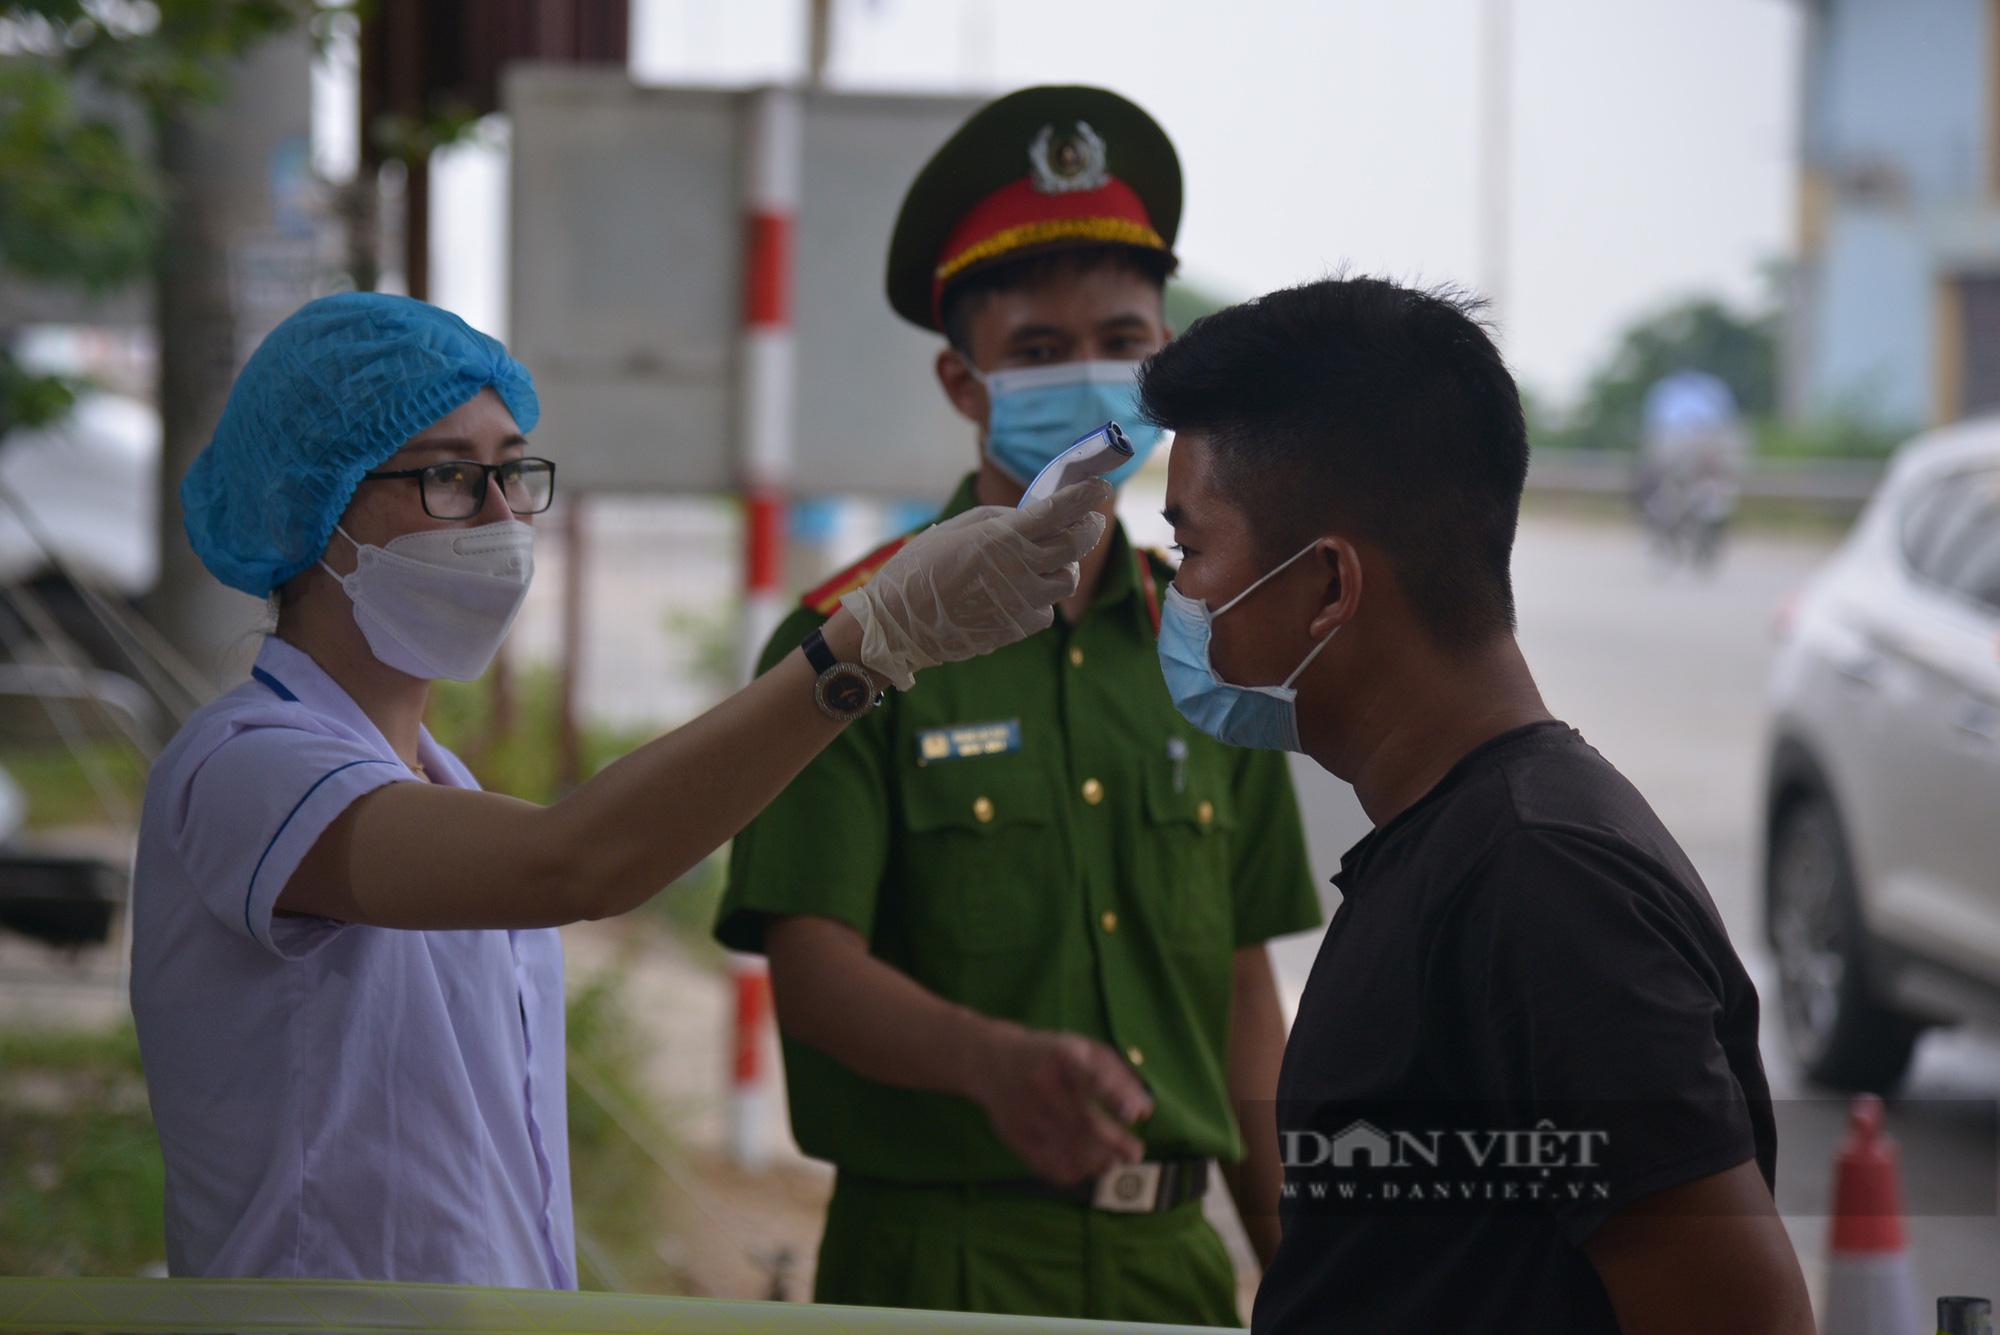 """Người dân Hà Nội nhường nhà, """"tiếp tế"""" cơm, nước uống chia sẻ với lực lượng làm nhiệm vụ phòng, chống dịch - Ảnh 3."""